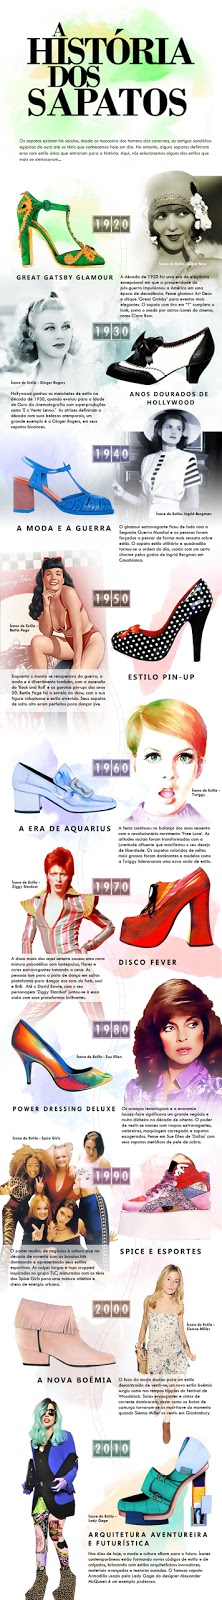 DeaTwilightZone - tipos de sapato